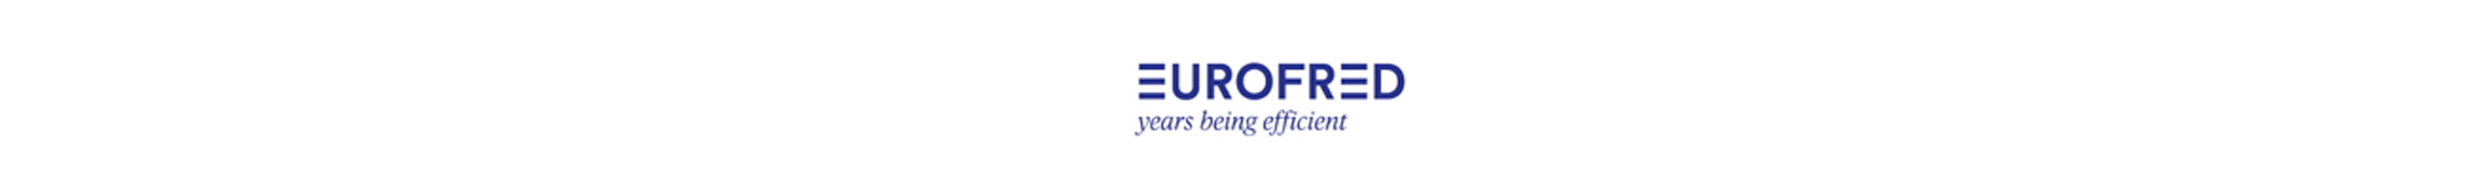 barra_euroferd